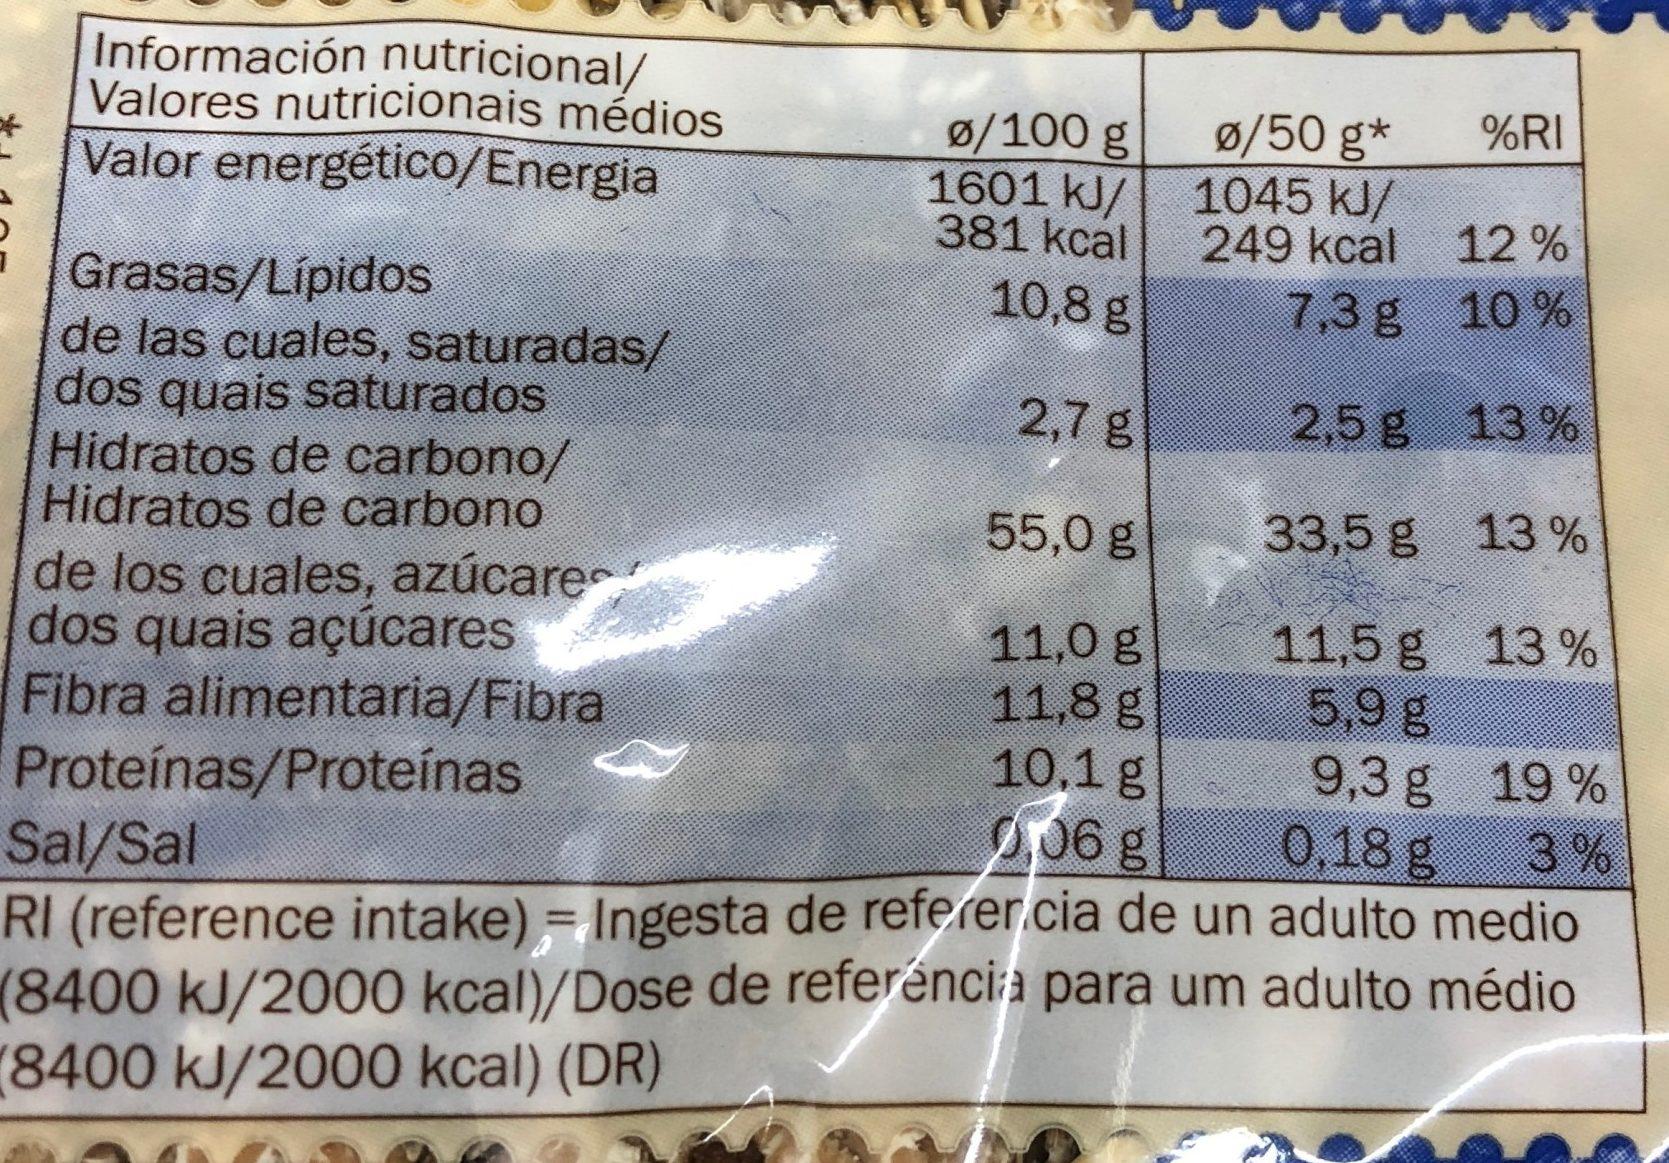 Vollkornmüsli - Información nutricional - es